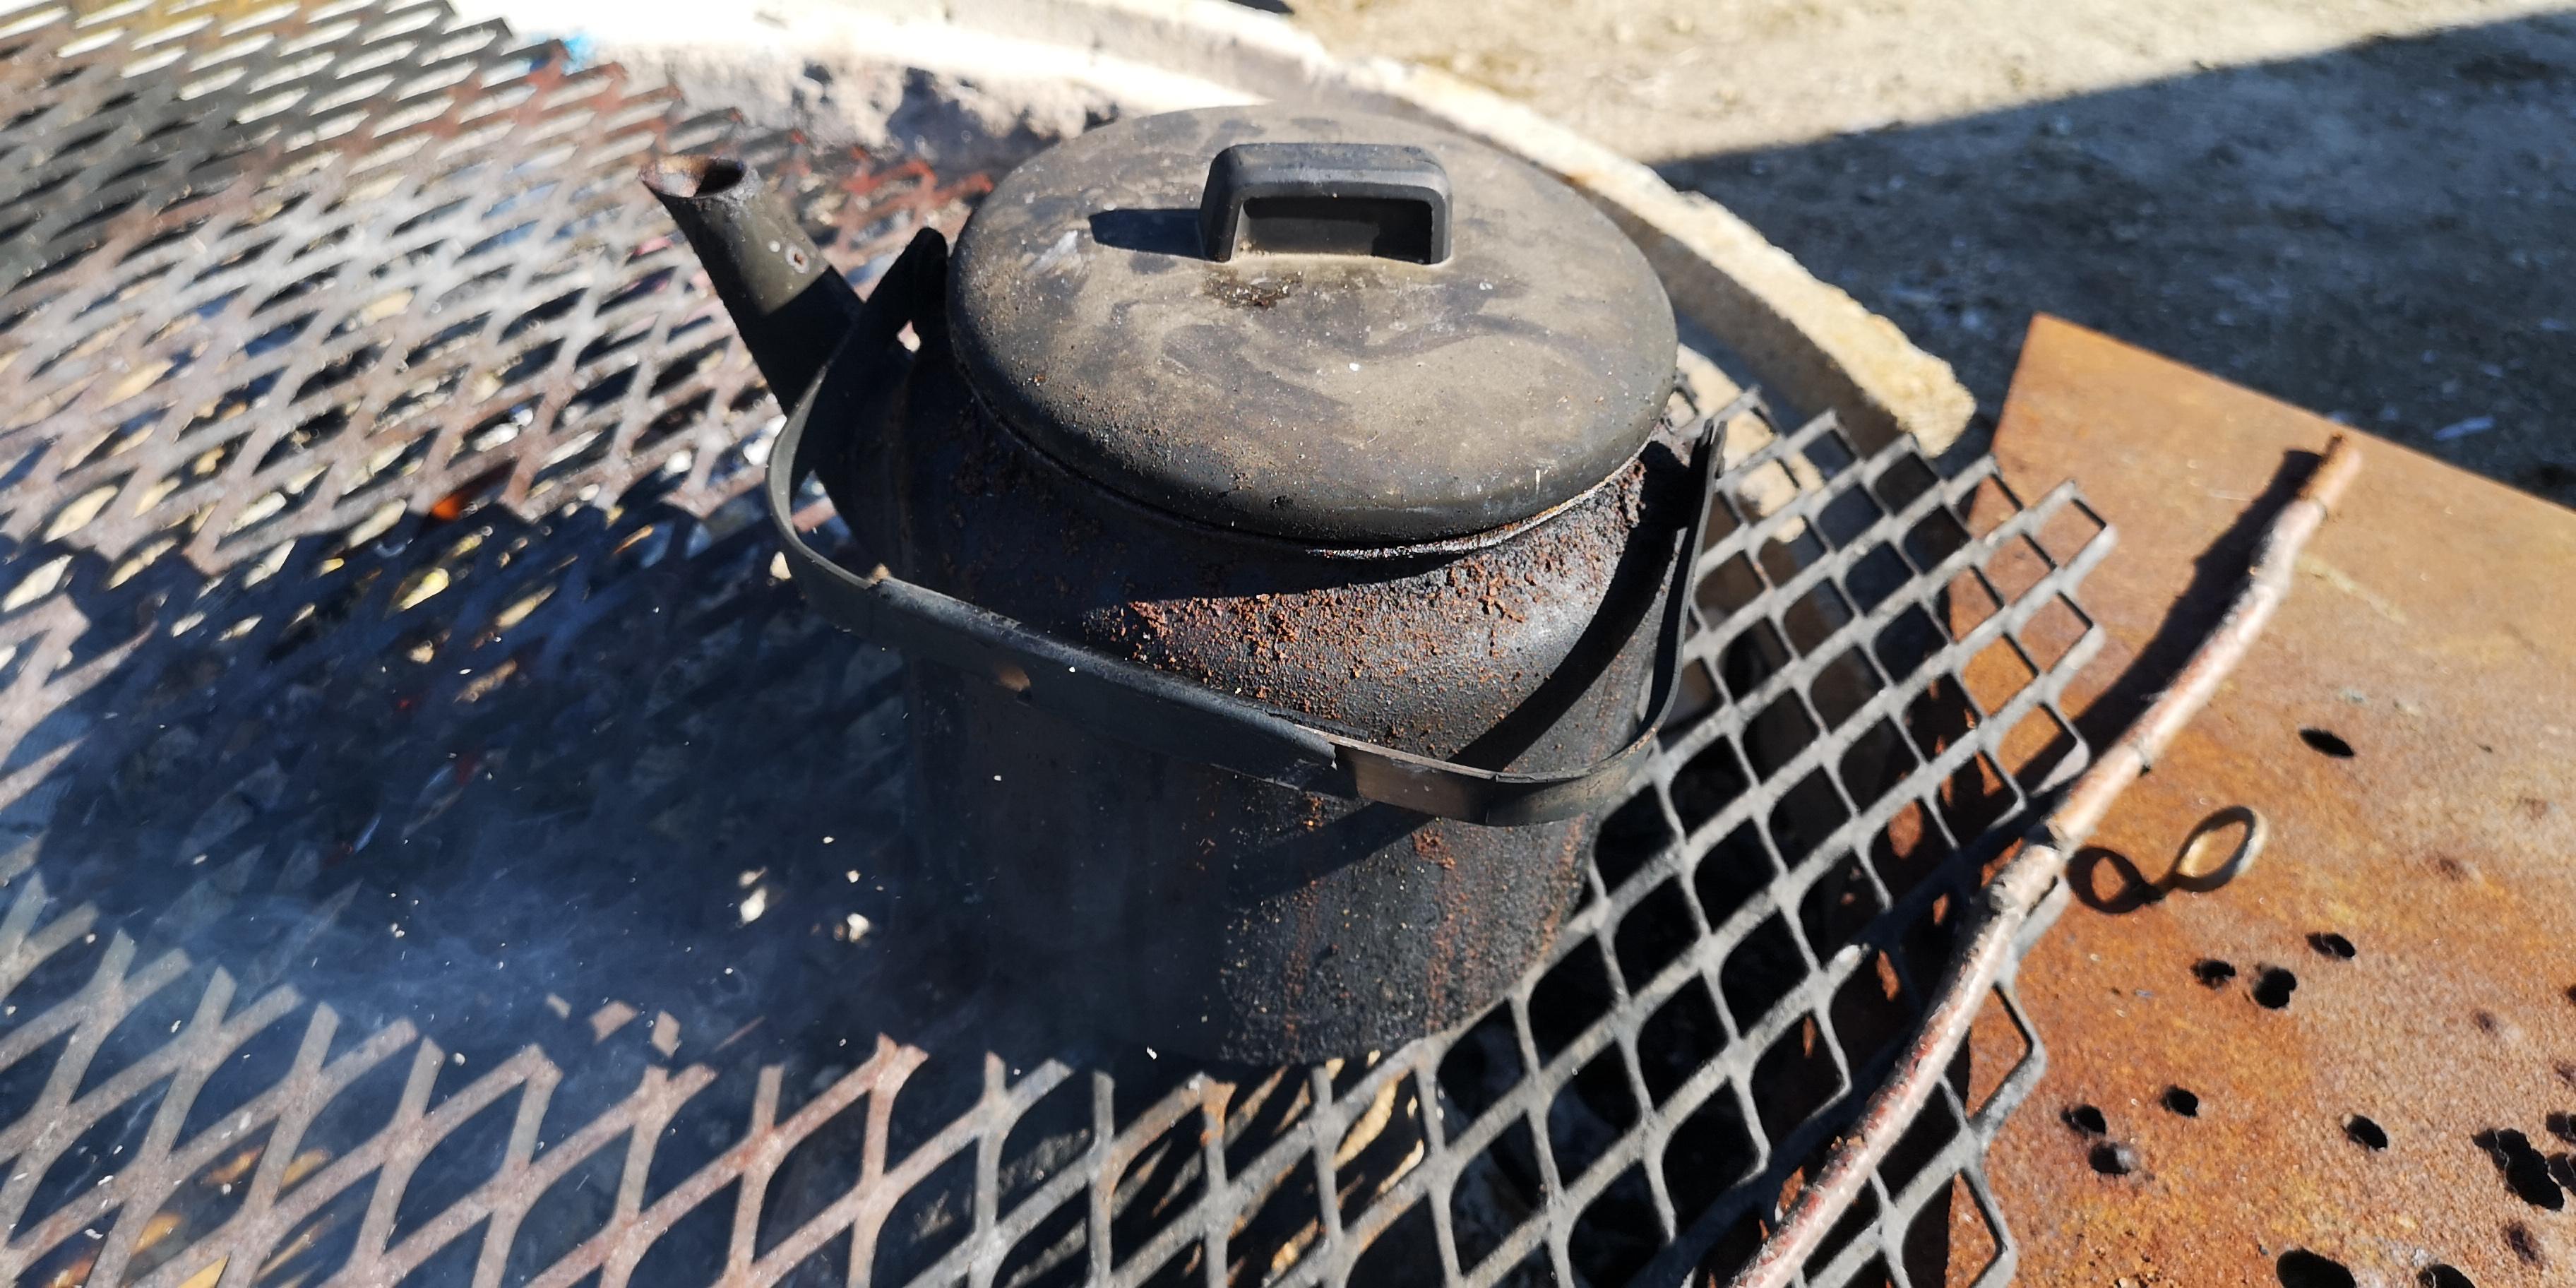 Kaffepanna på eld